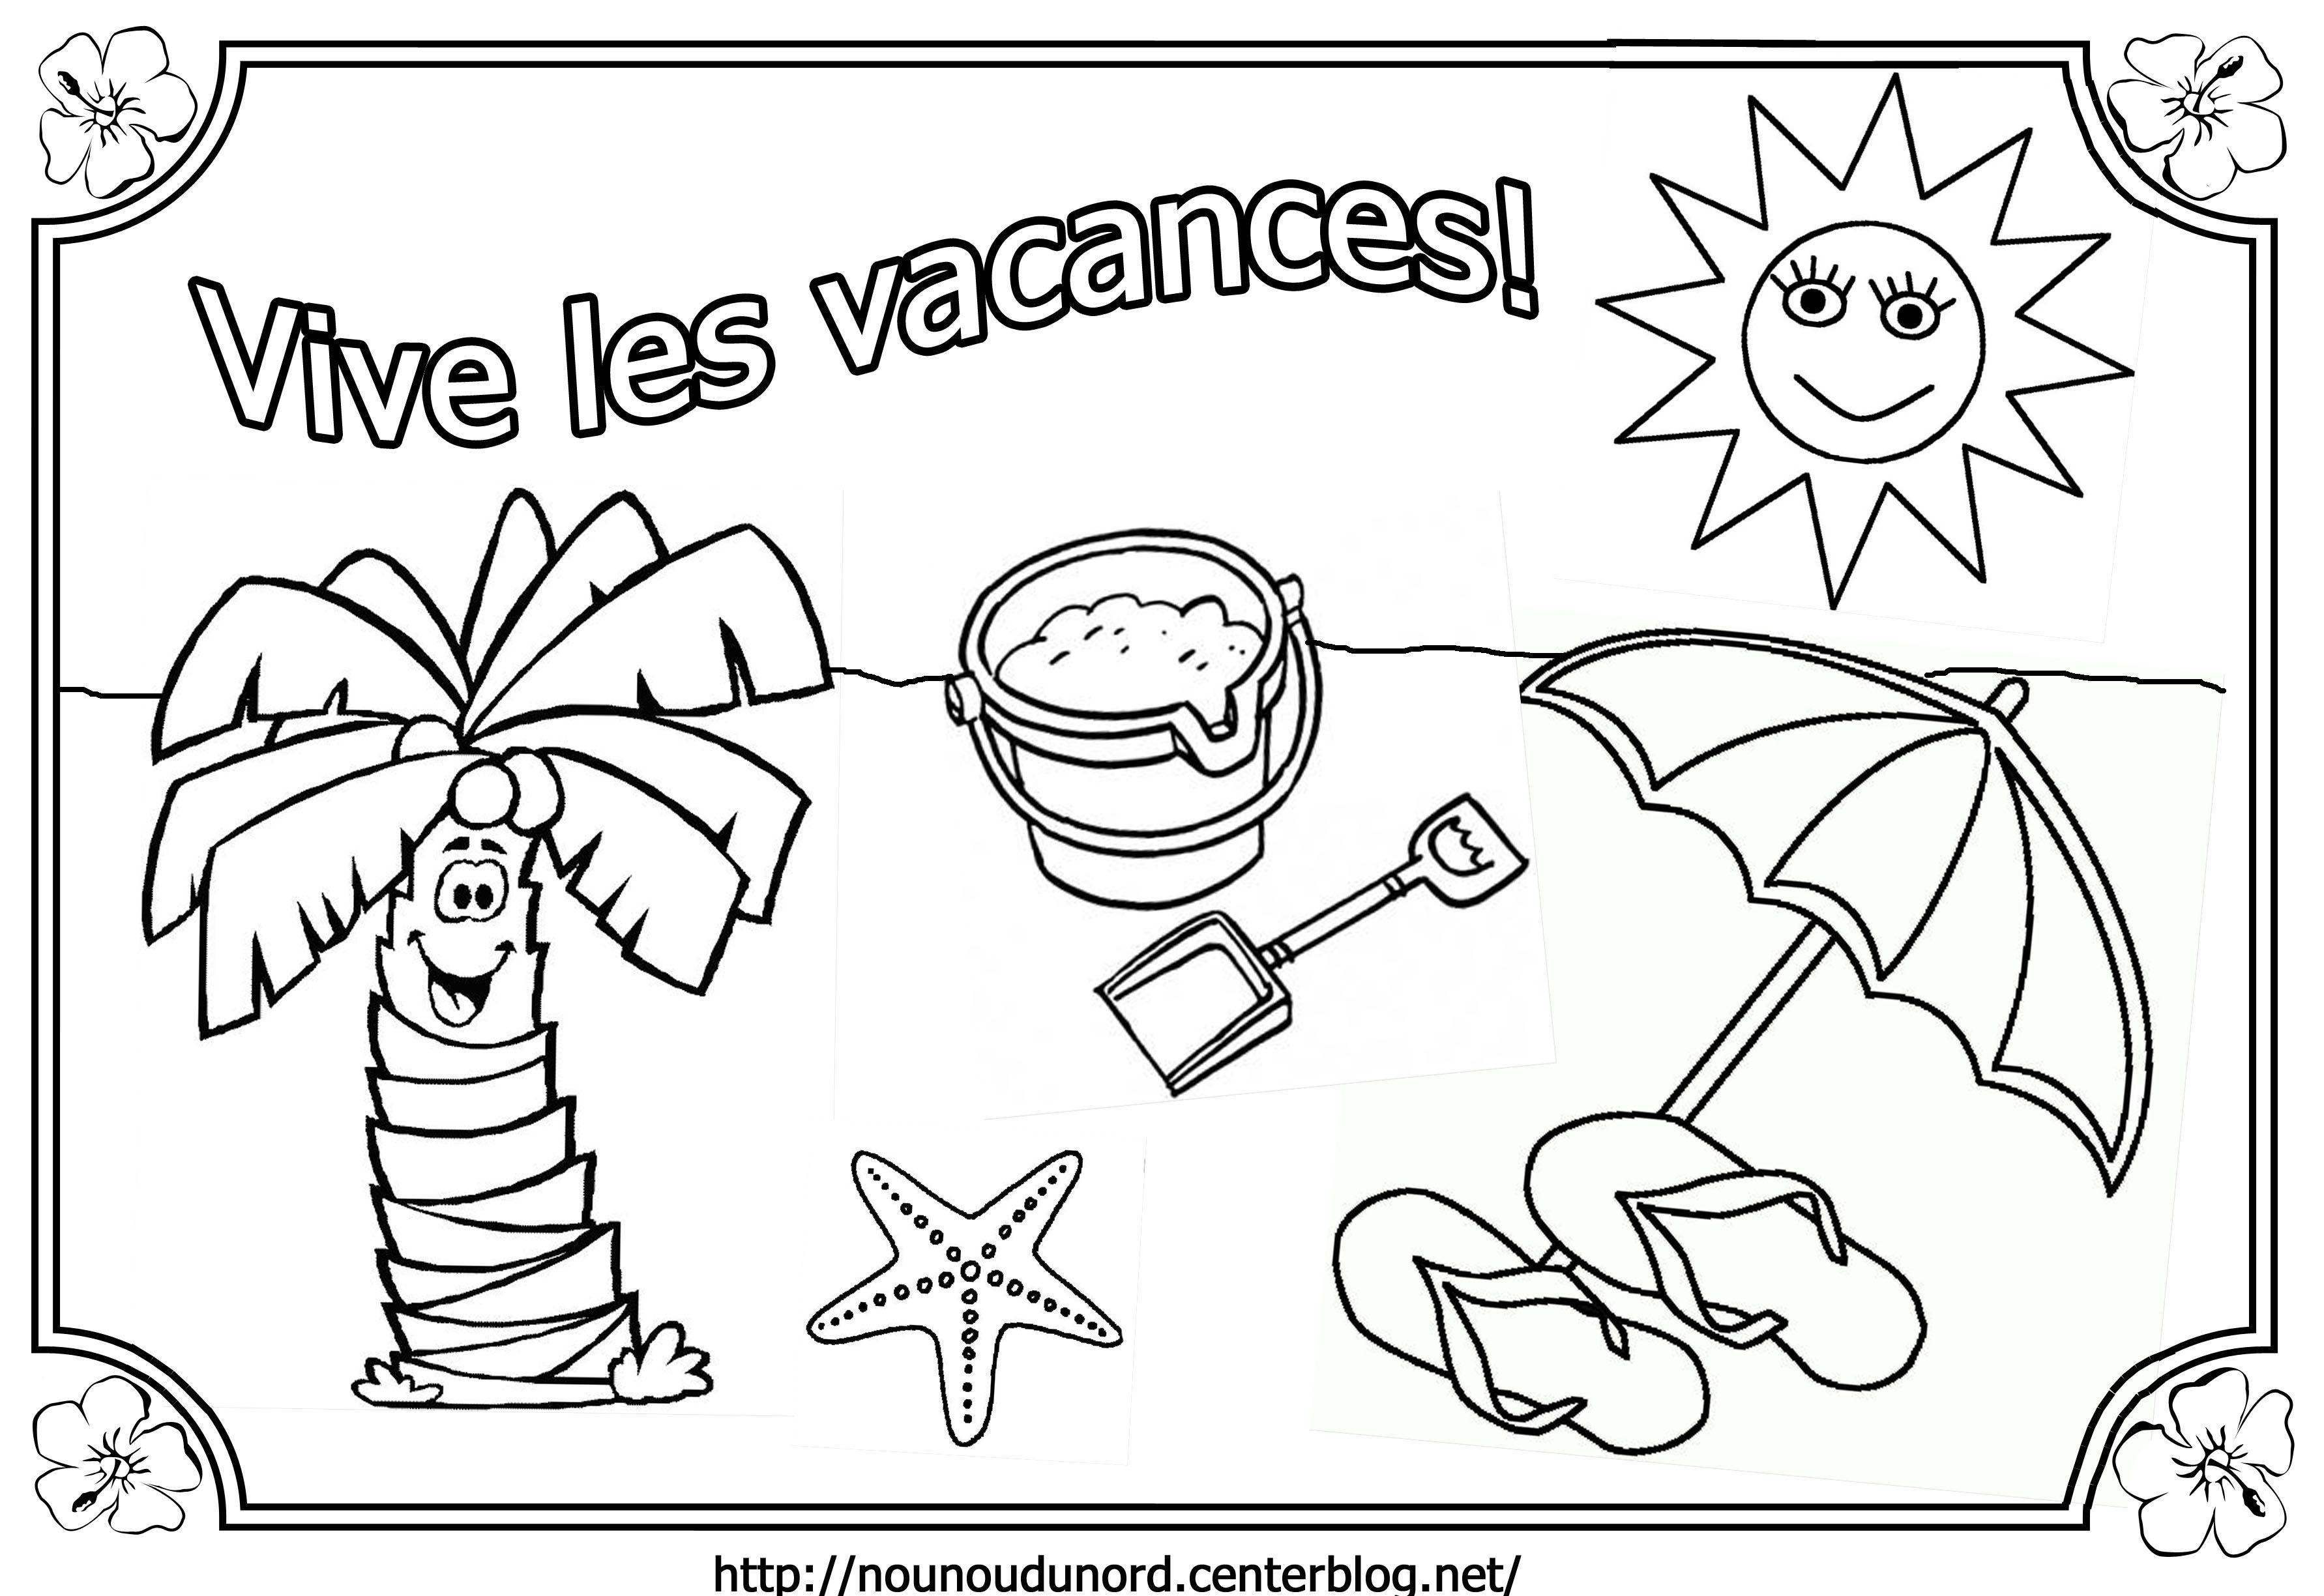 Coloriage Ete concernant Poesie Vive Les Vacances